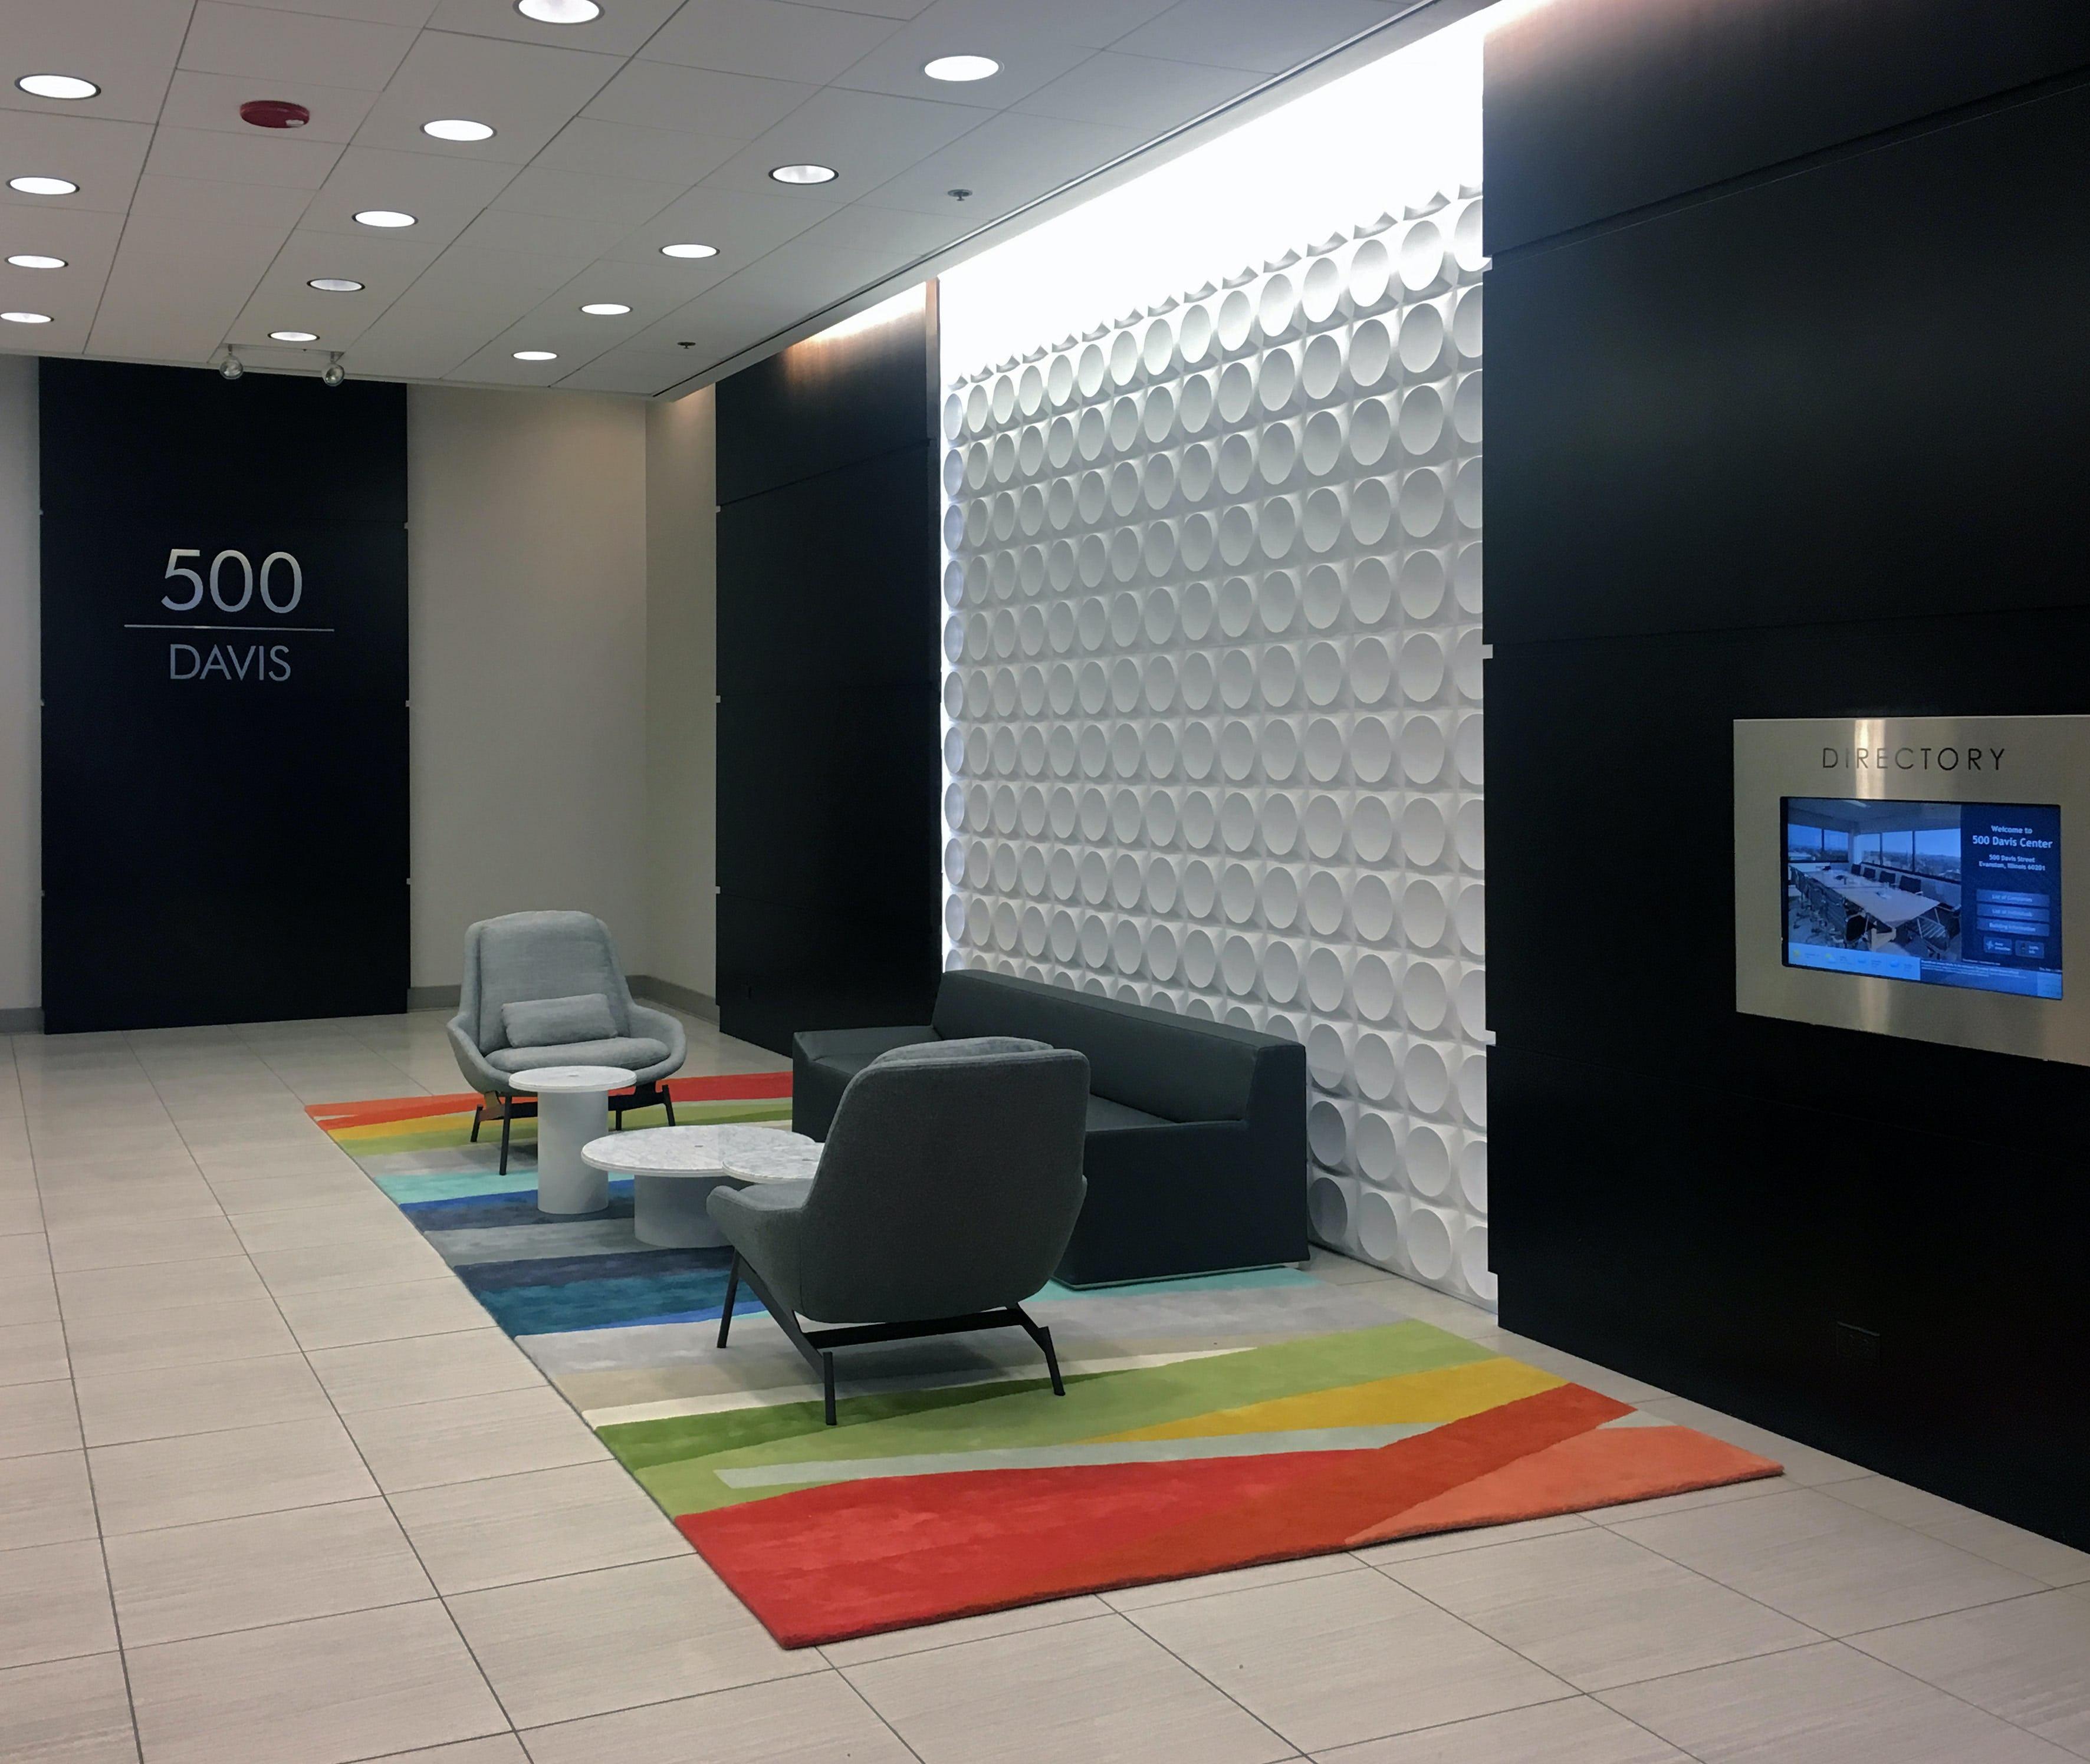 500 davis level architecture incorporated